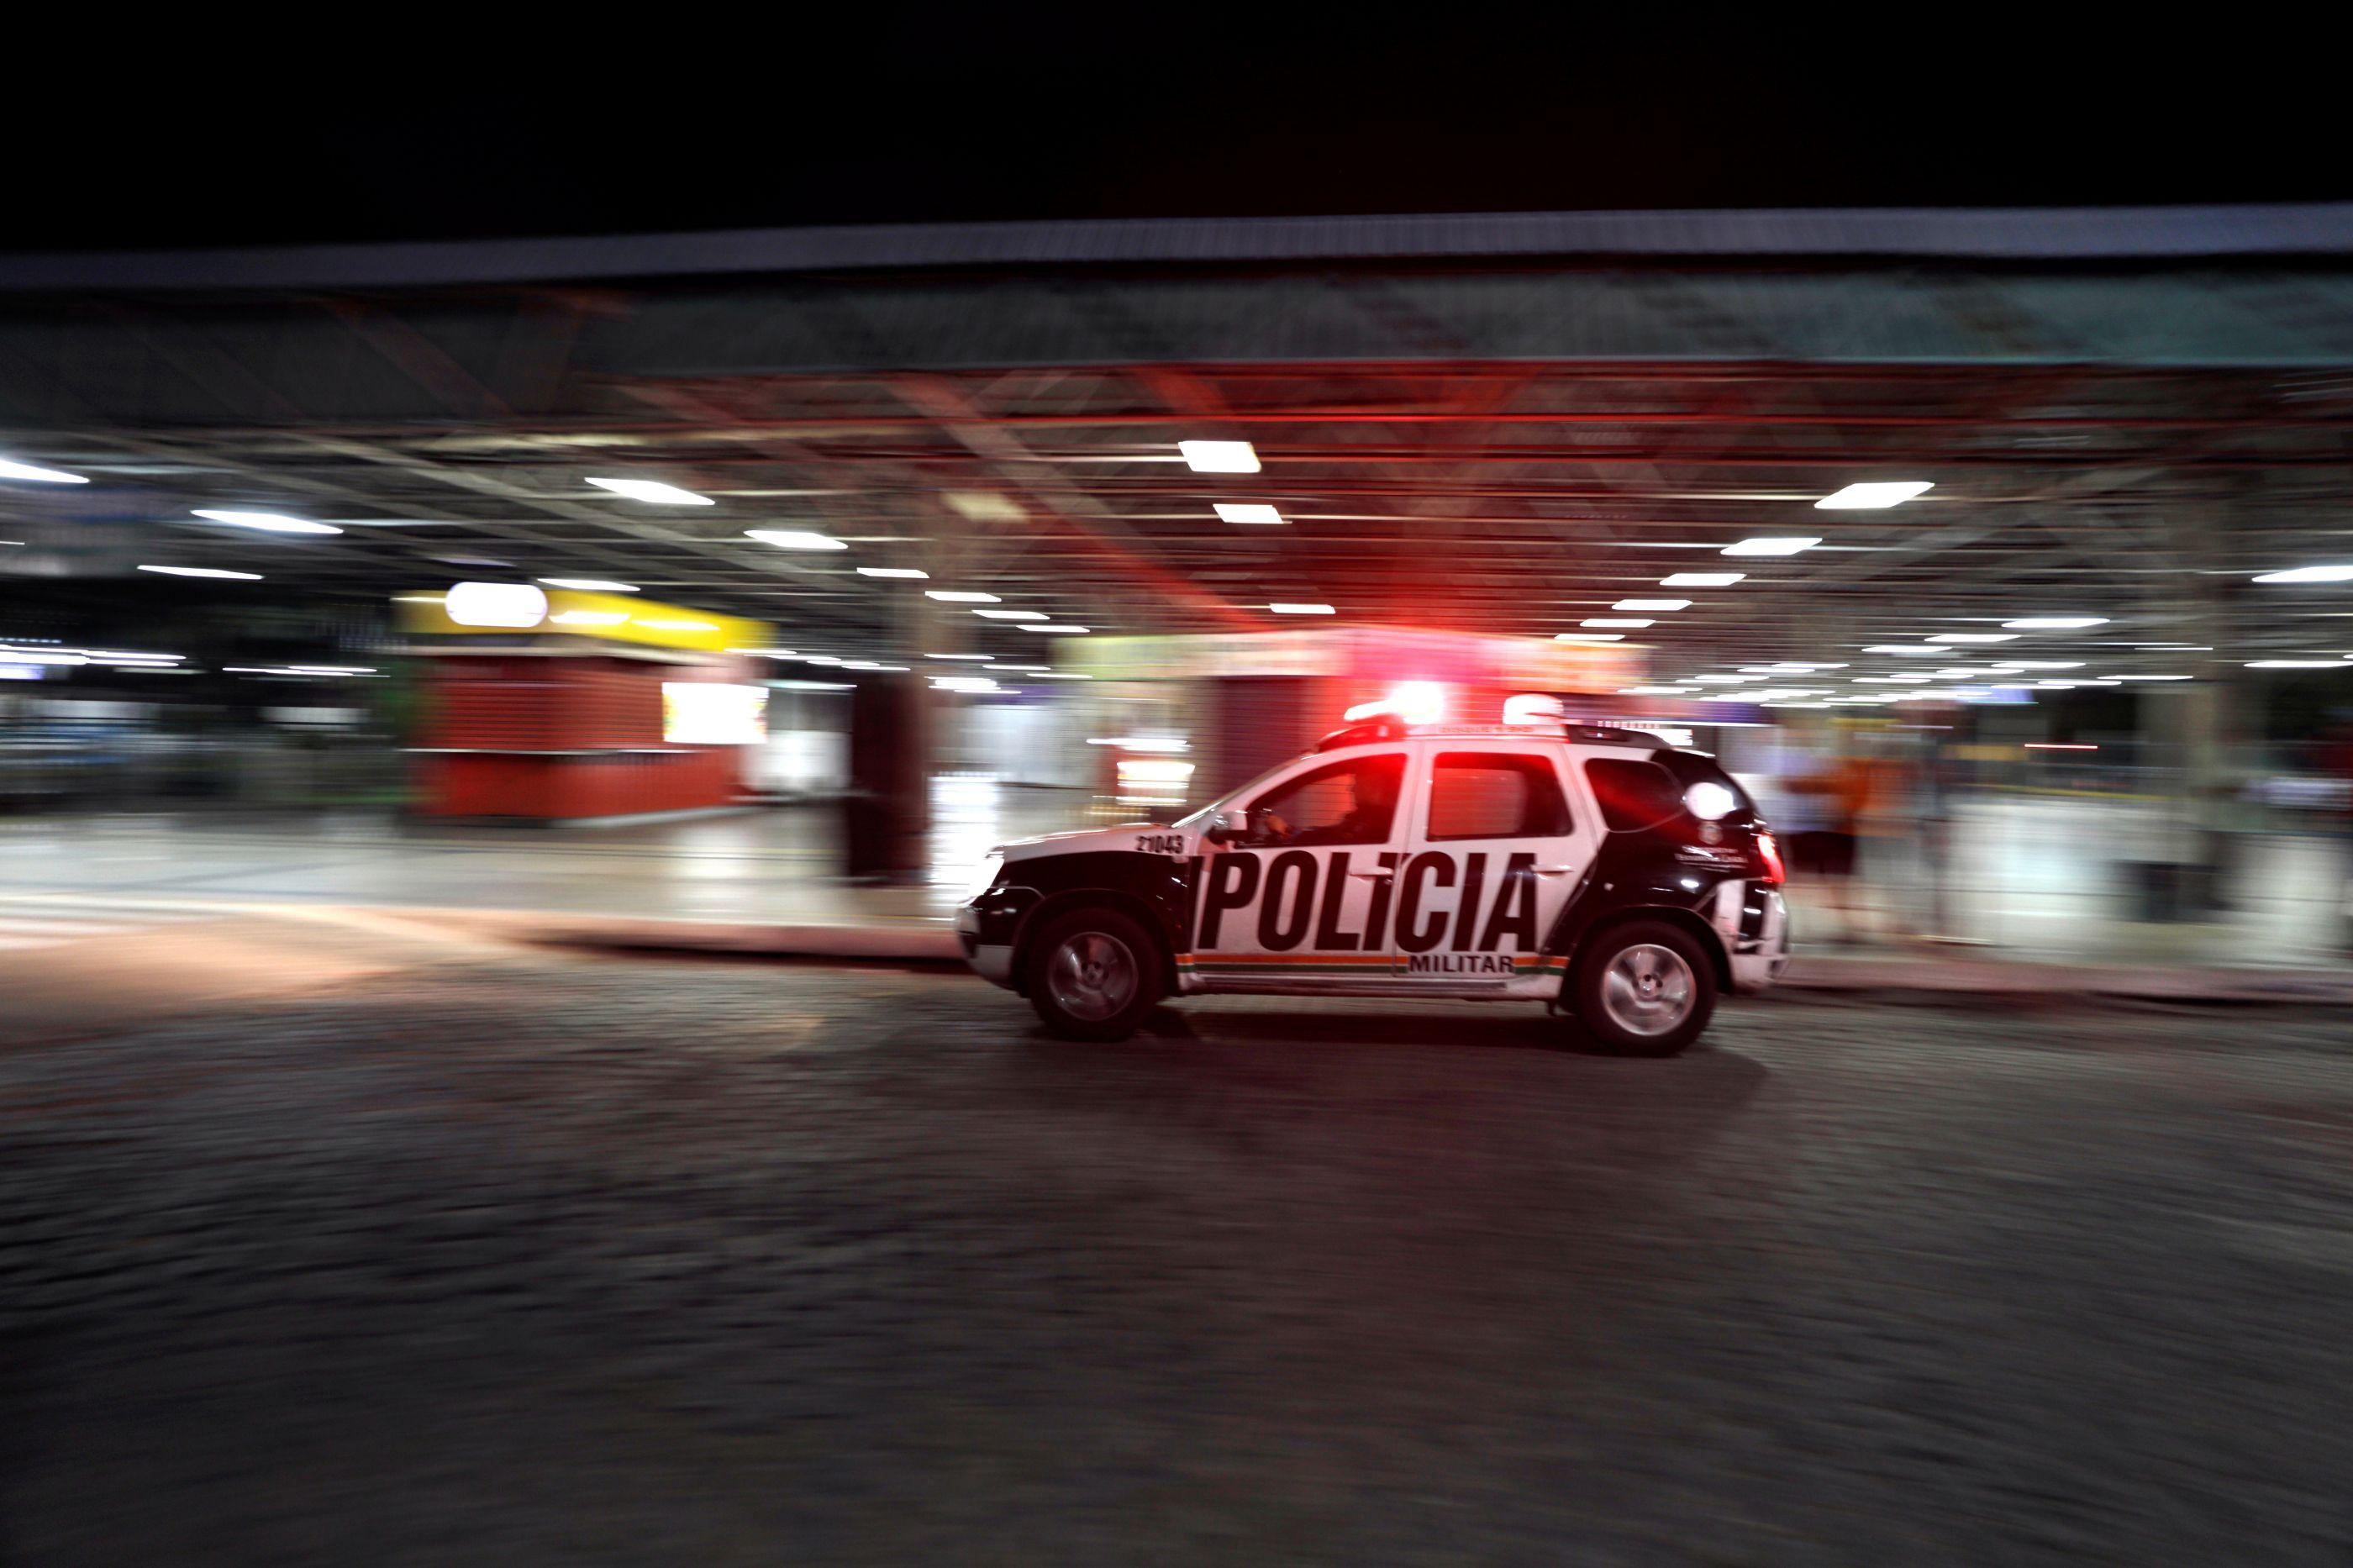 Grávida morre durante o parto no Brasil após ser agredida pelo marido